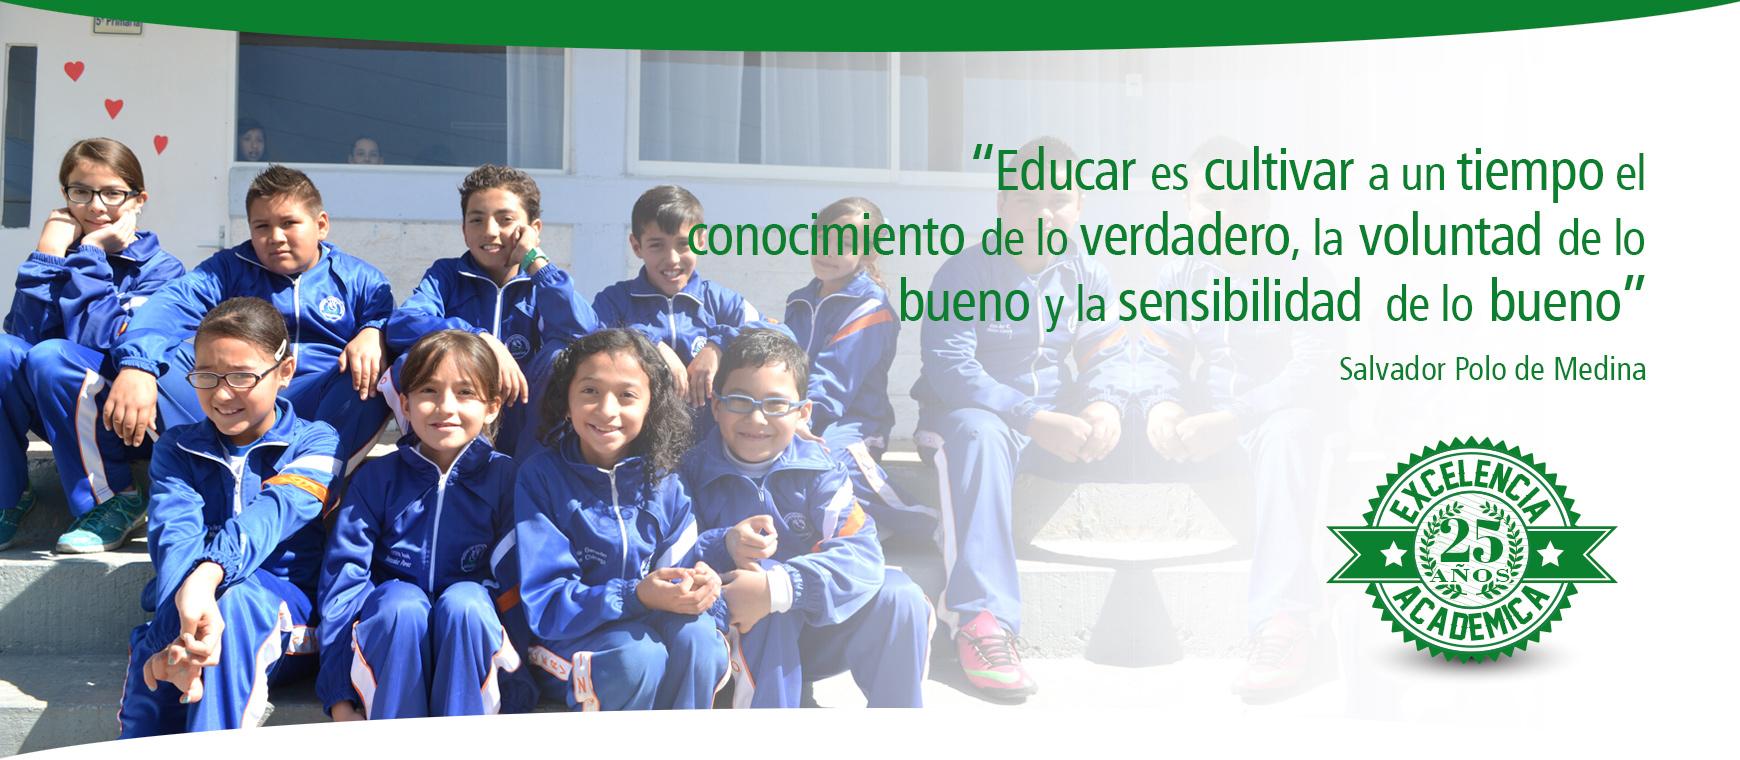 Complejo Educativo Cervantino